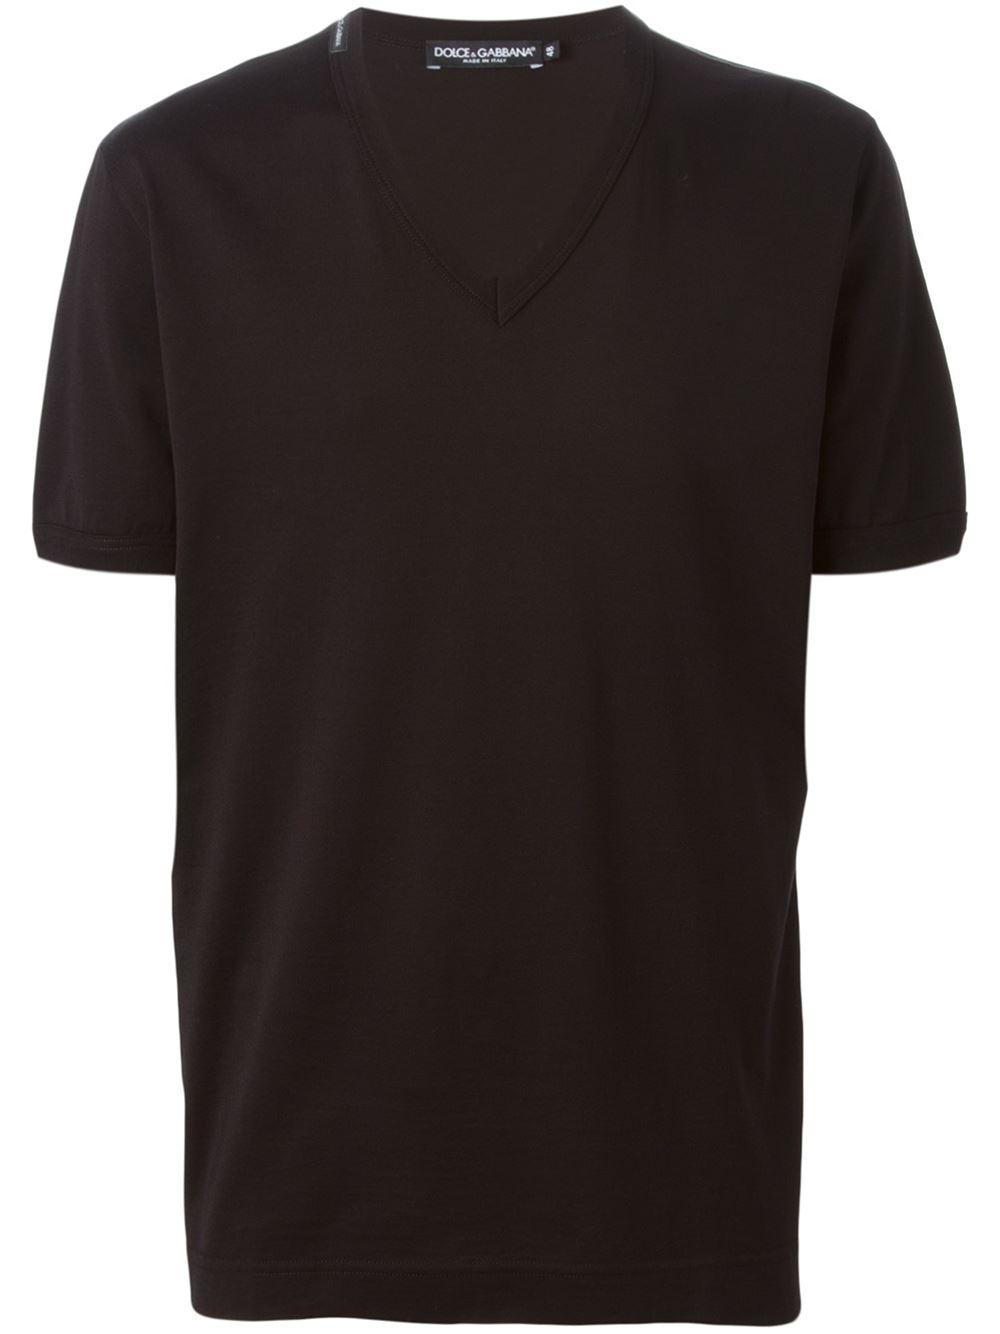 dolce gabbana classic v neck t shirt in black for men lyst. Black Bedroom Furniture Sets. Home Design Ideas